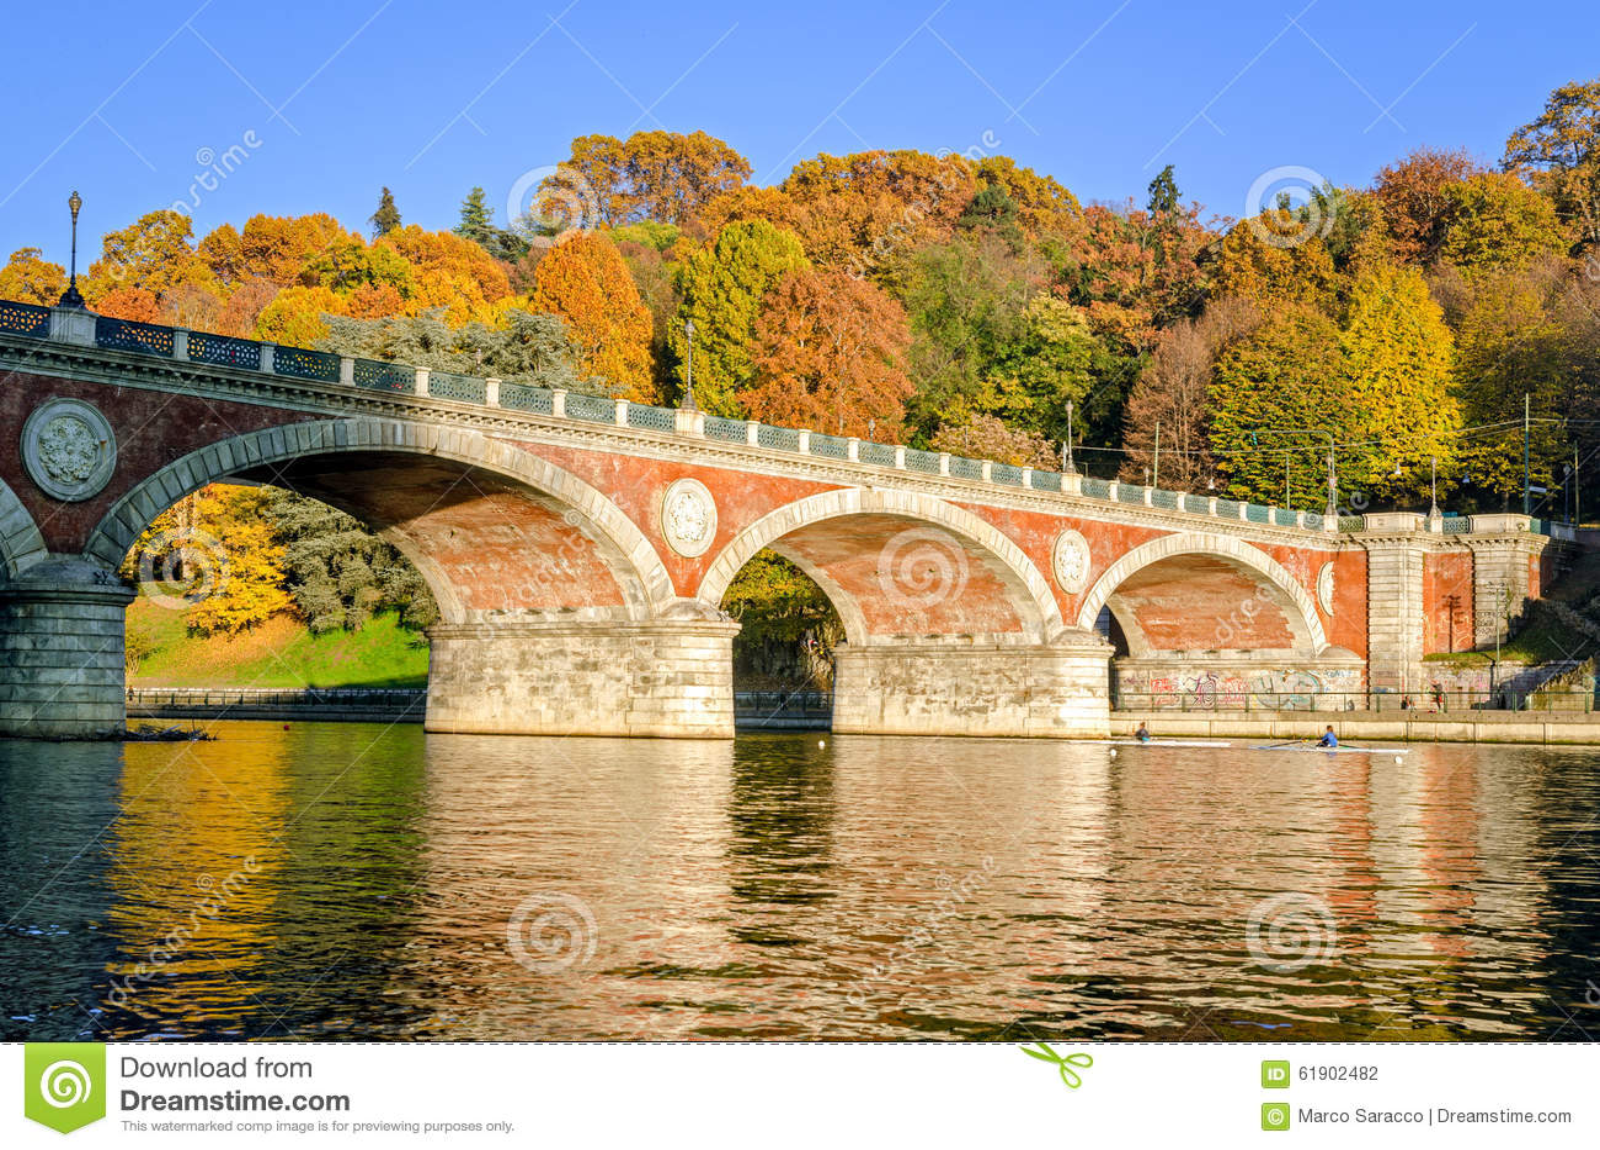 fdea1a89c3 Turin (Torino) Bridge Isabella And River Po Stock Photo - Image of ...